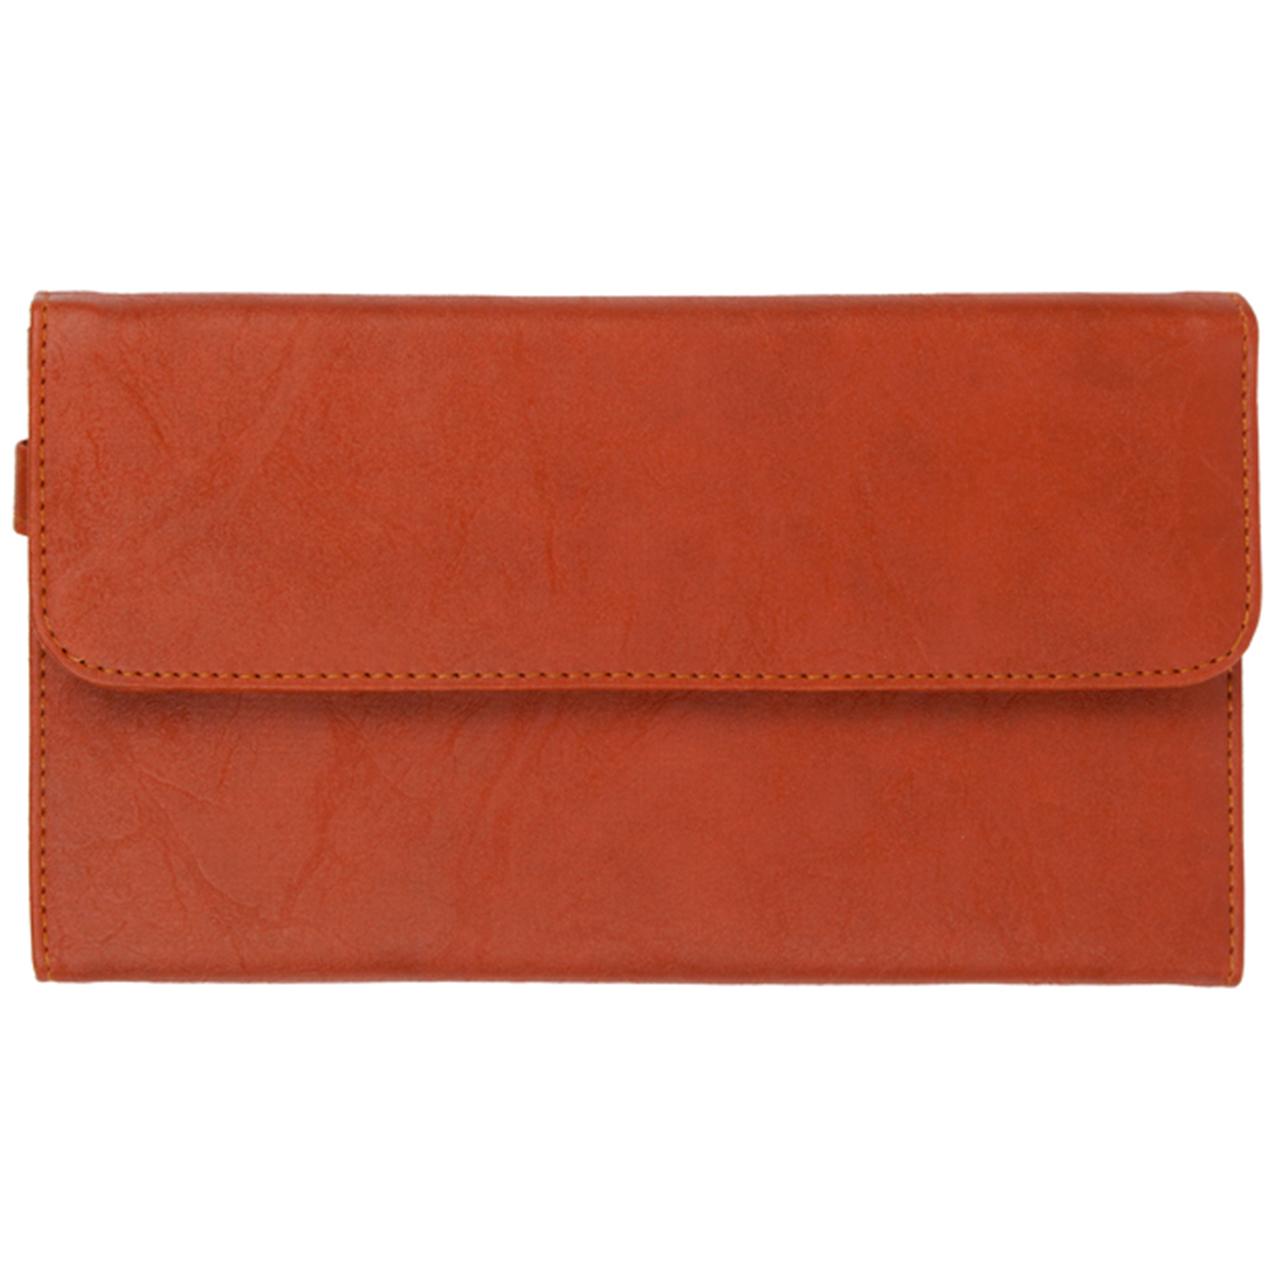 قیمت کیف مدارک رویال چرم کدP4/1-Brown